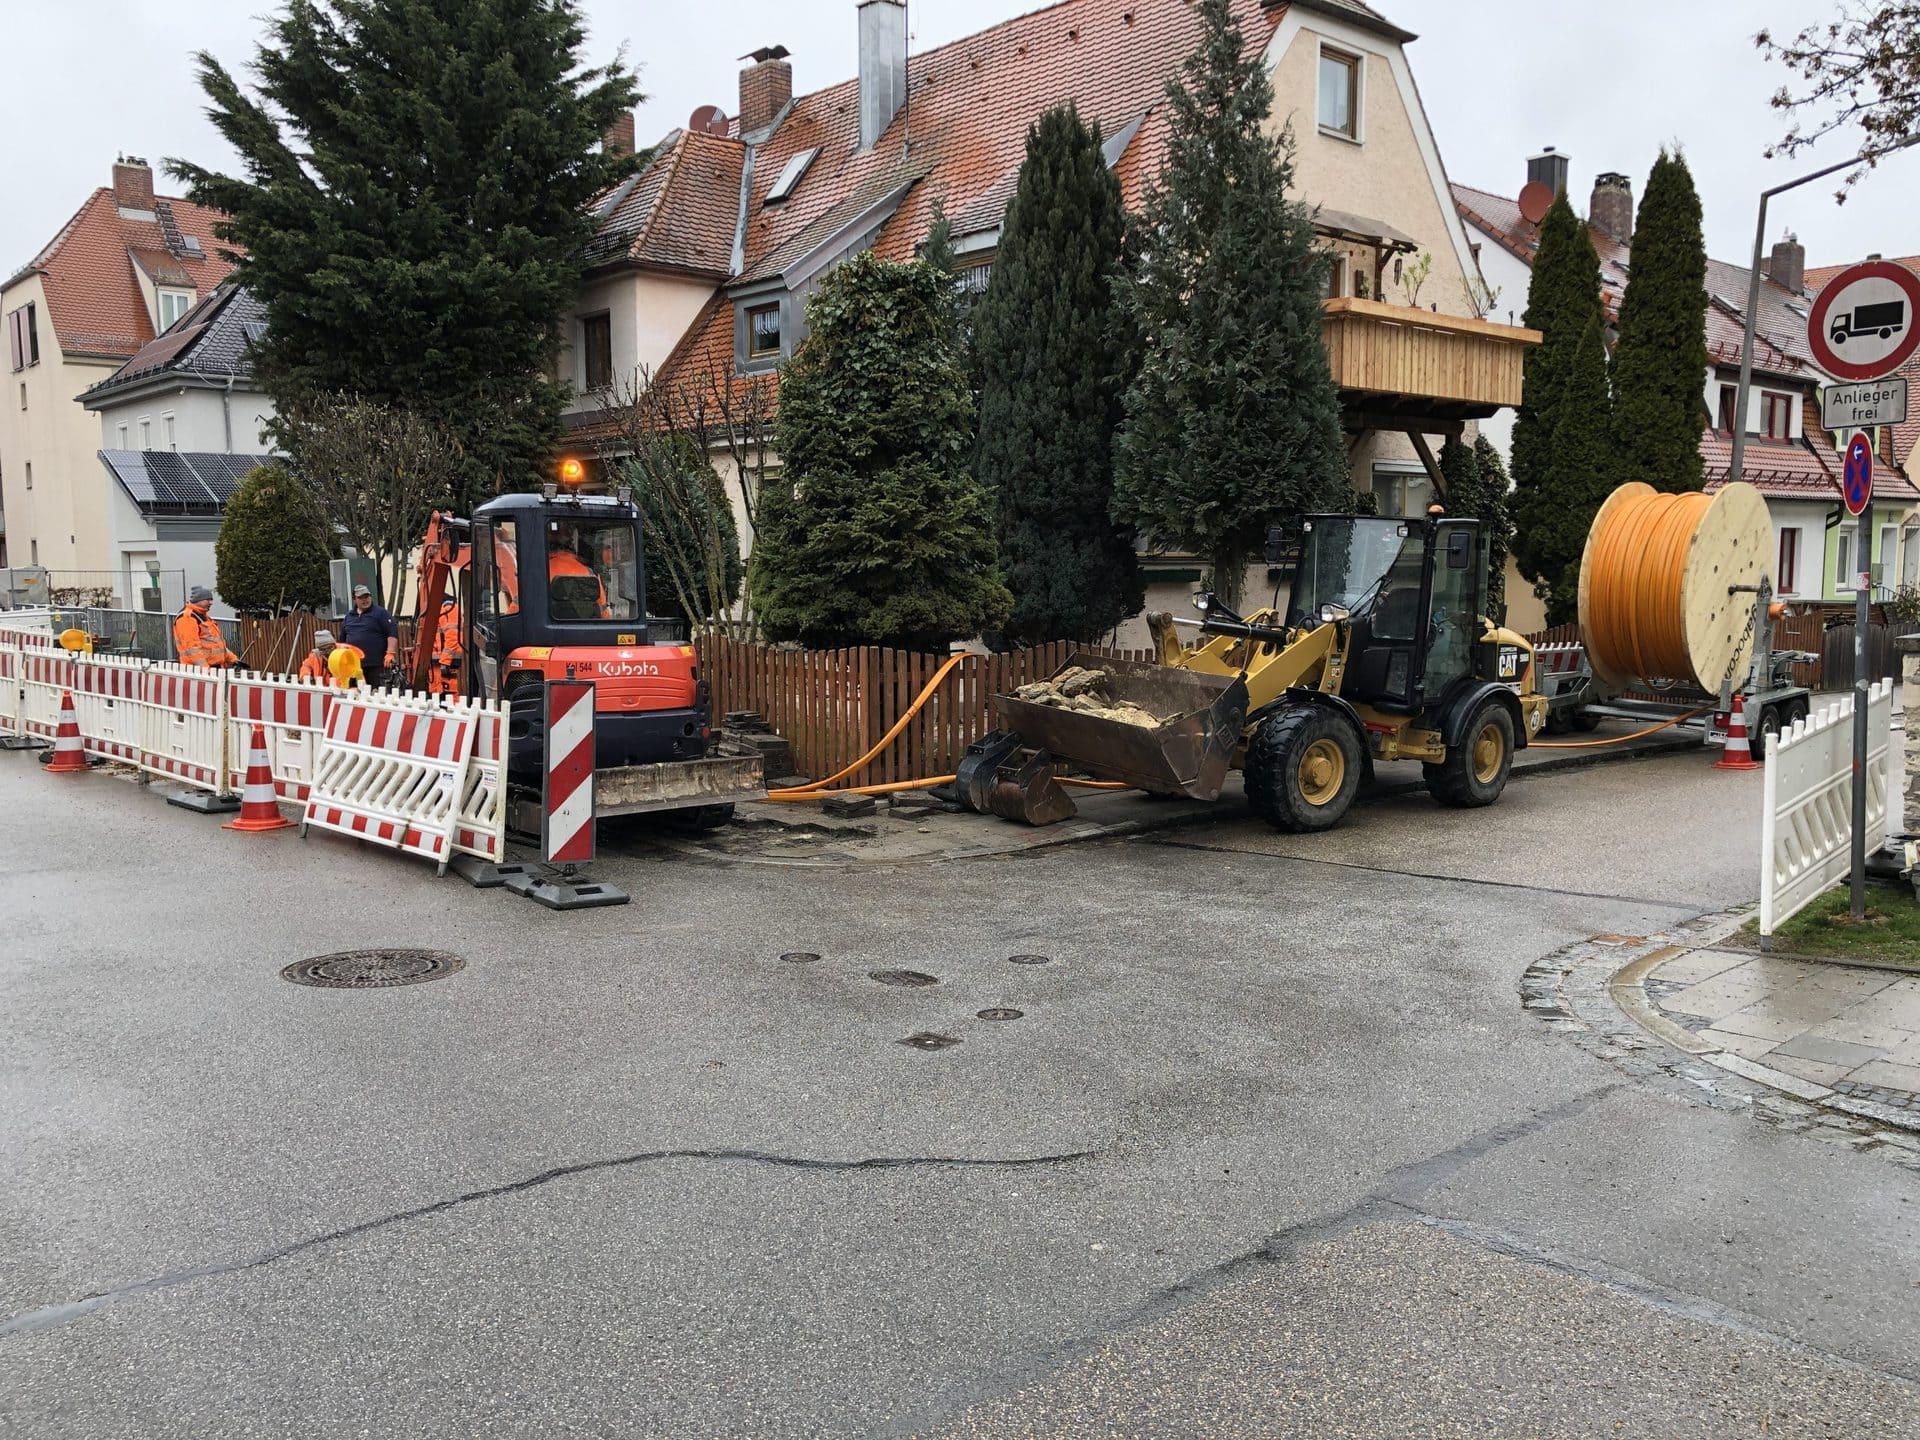 Glasfaser Ostbayern startet Netzausbau im Gebiet Guerickestraße Über 200 Gebäude bekommen lichtschnelle Online-Anschlüsse